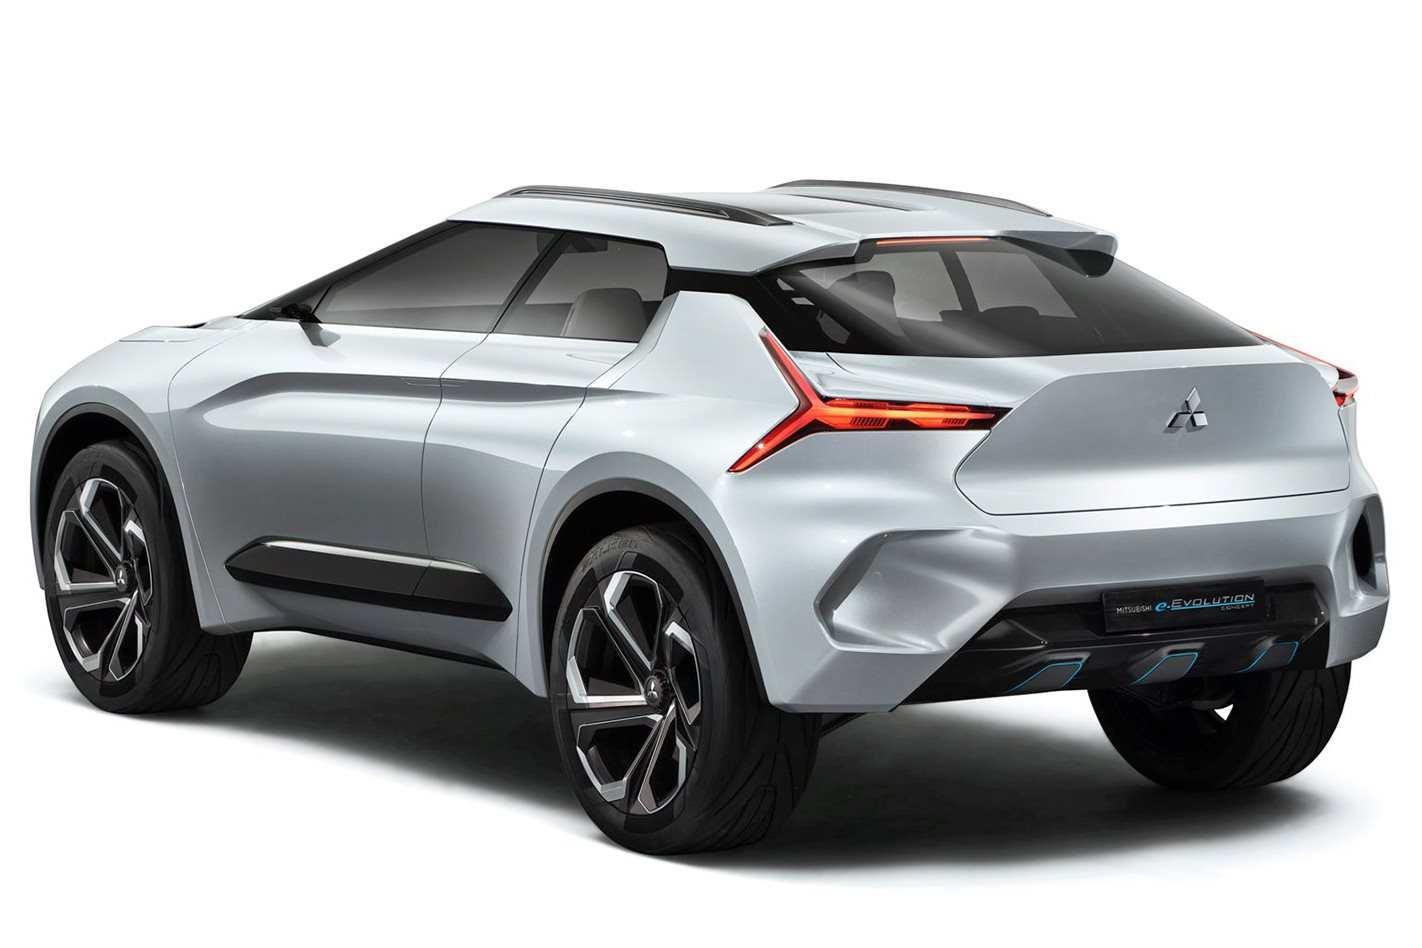 37 Best Review 2019 Mitsubishi Evo Configurations for 2019 Mitsubishi Evo